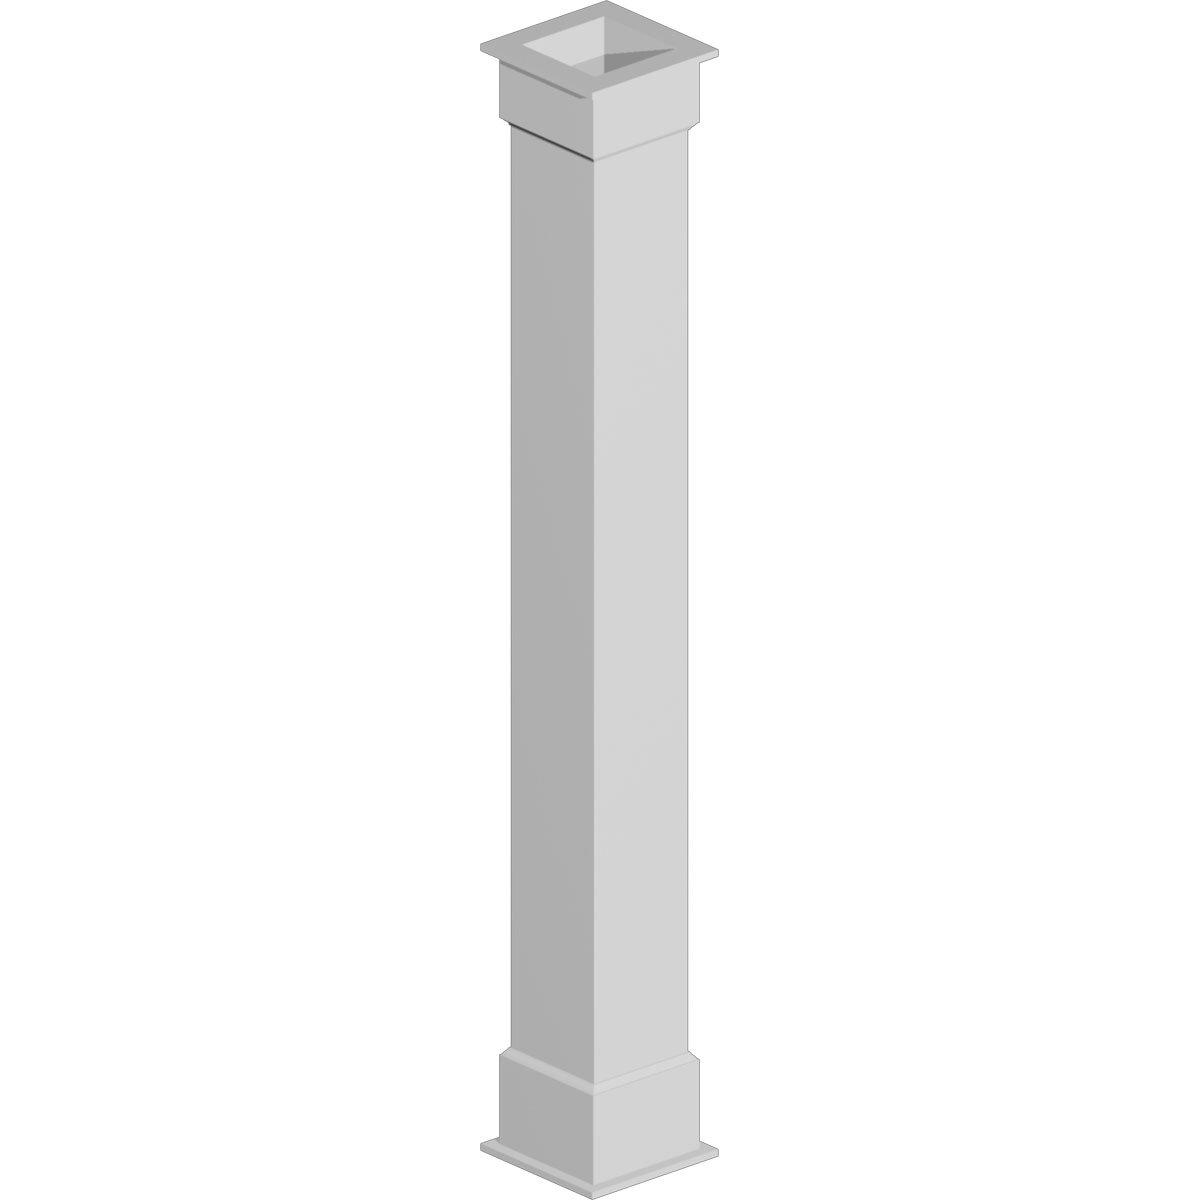 amazon com column wrap kit 6x72 ep 1bx non tapered economy plain